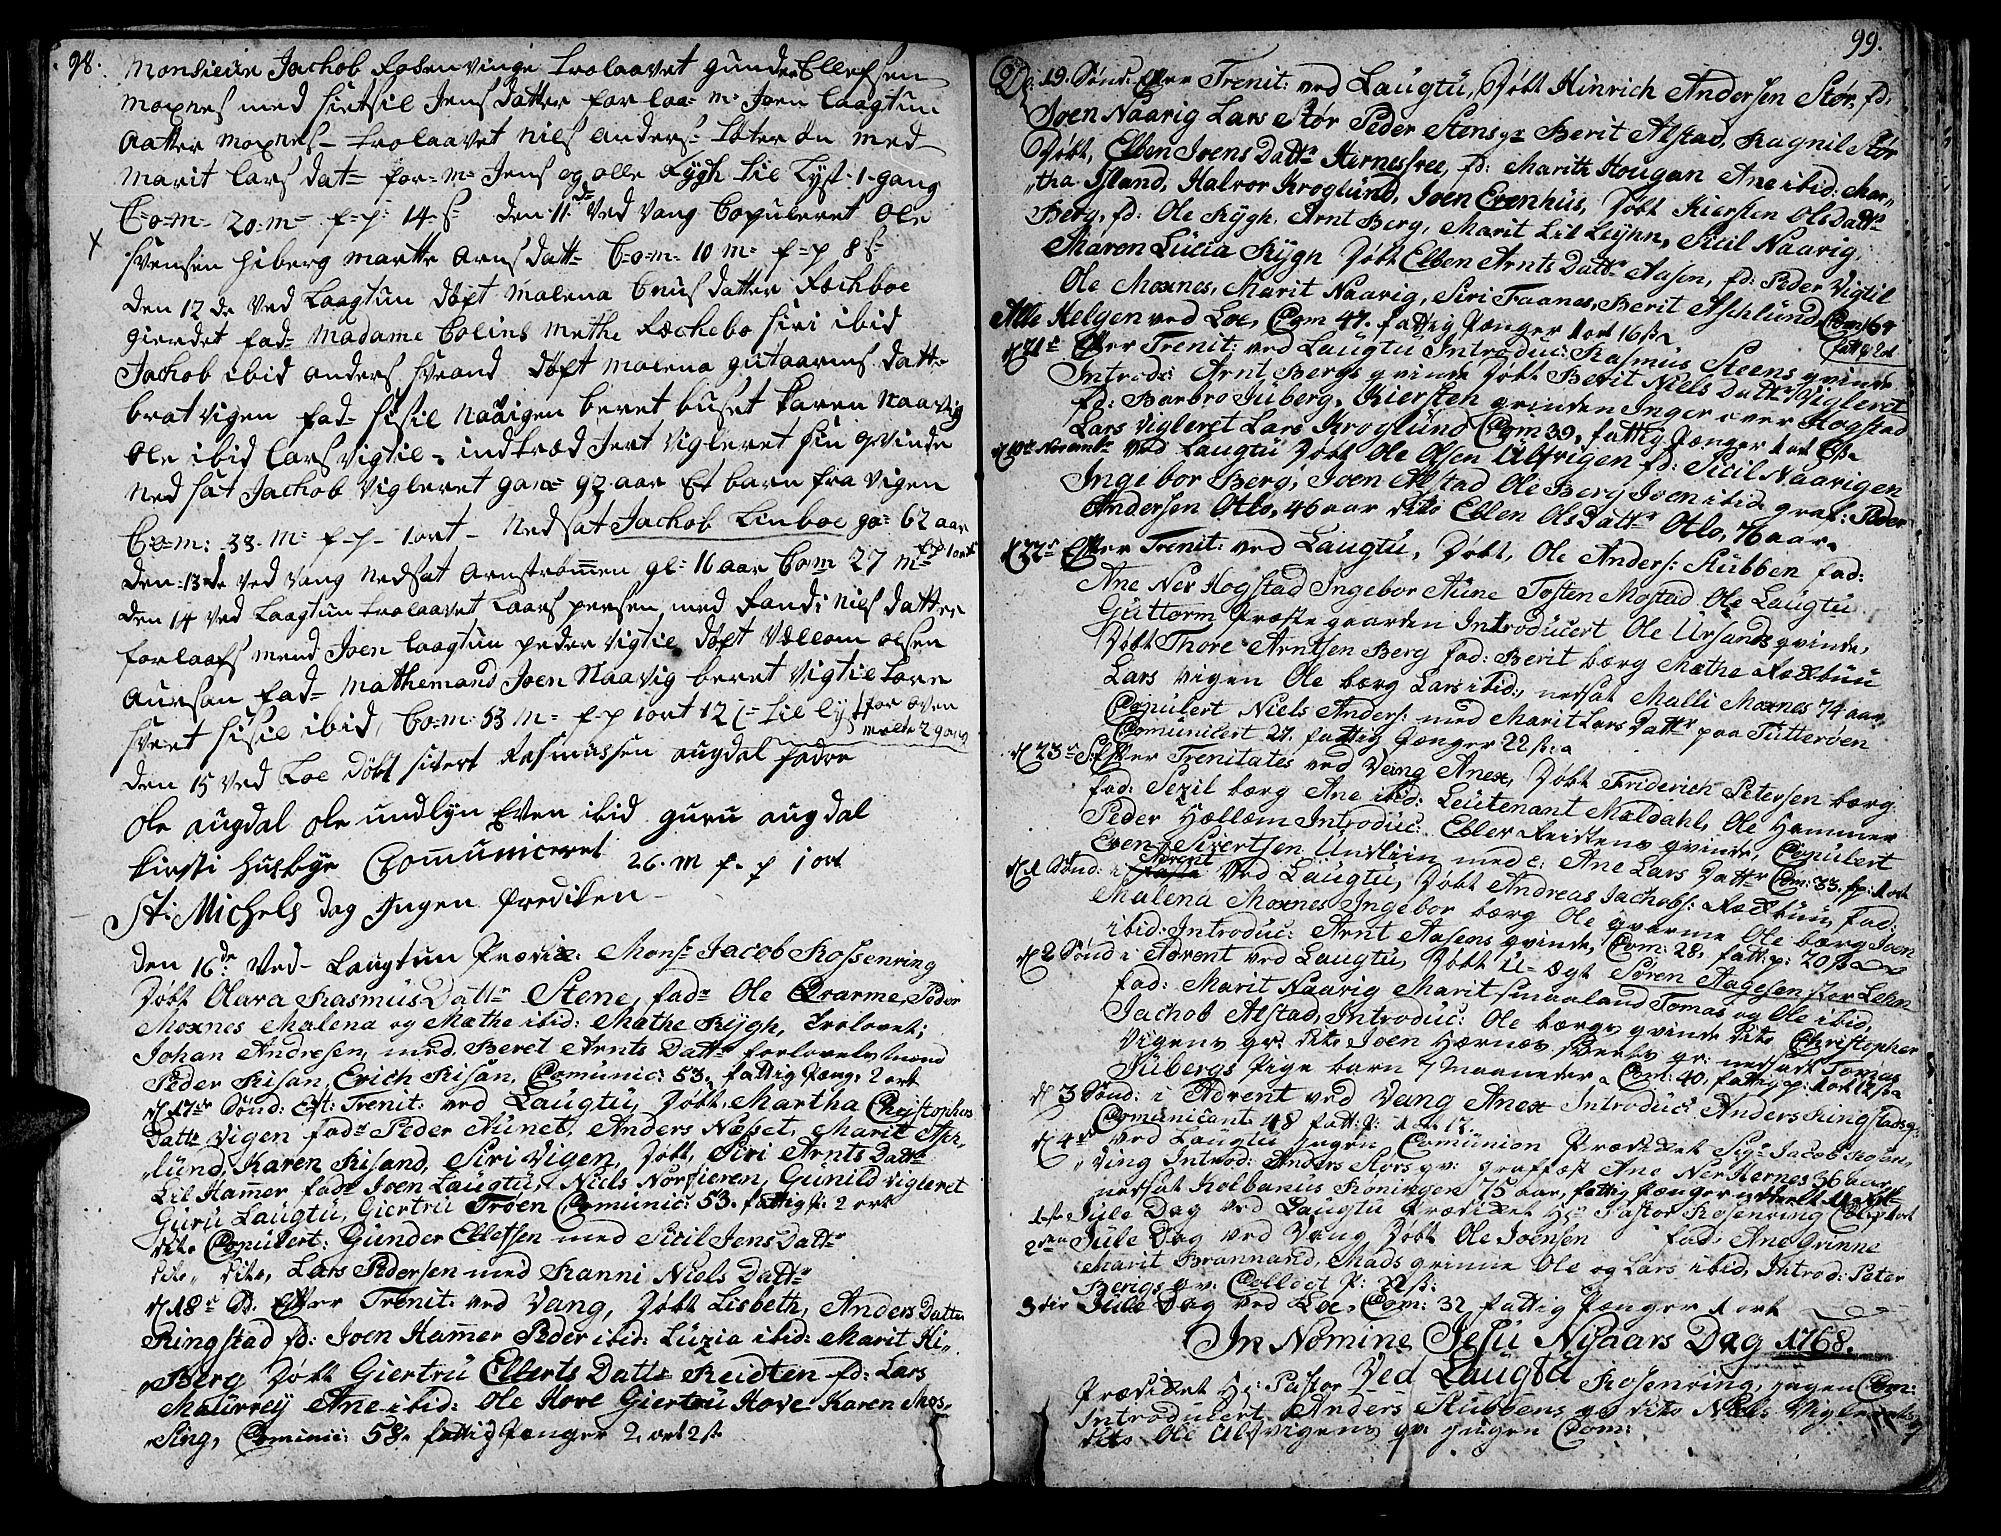 SAT, Ministerialprotokoller, klokkerbøker og fødselsregistre - Nord-Trøndelag, 713/L0109: Parish register (official) no. 713A01, 1750-1778, p. 98-99